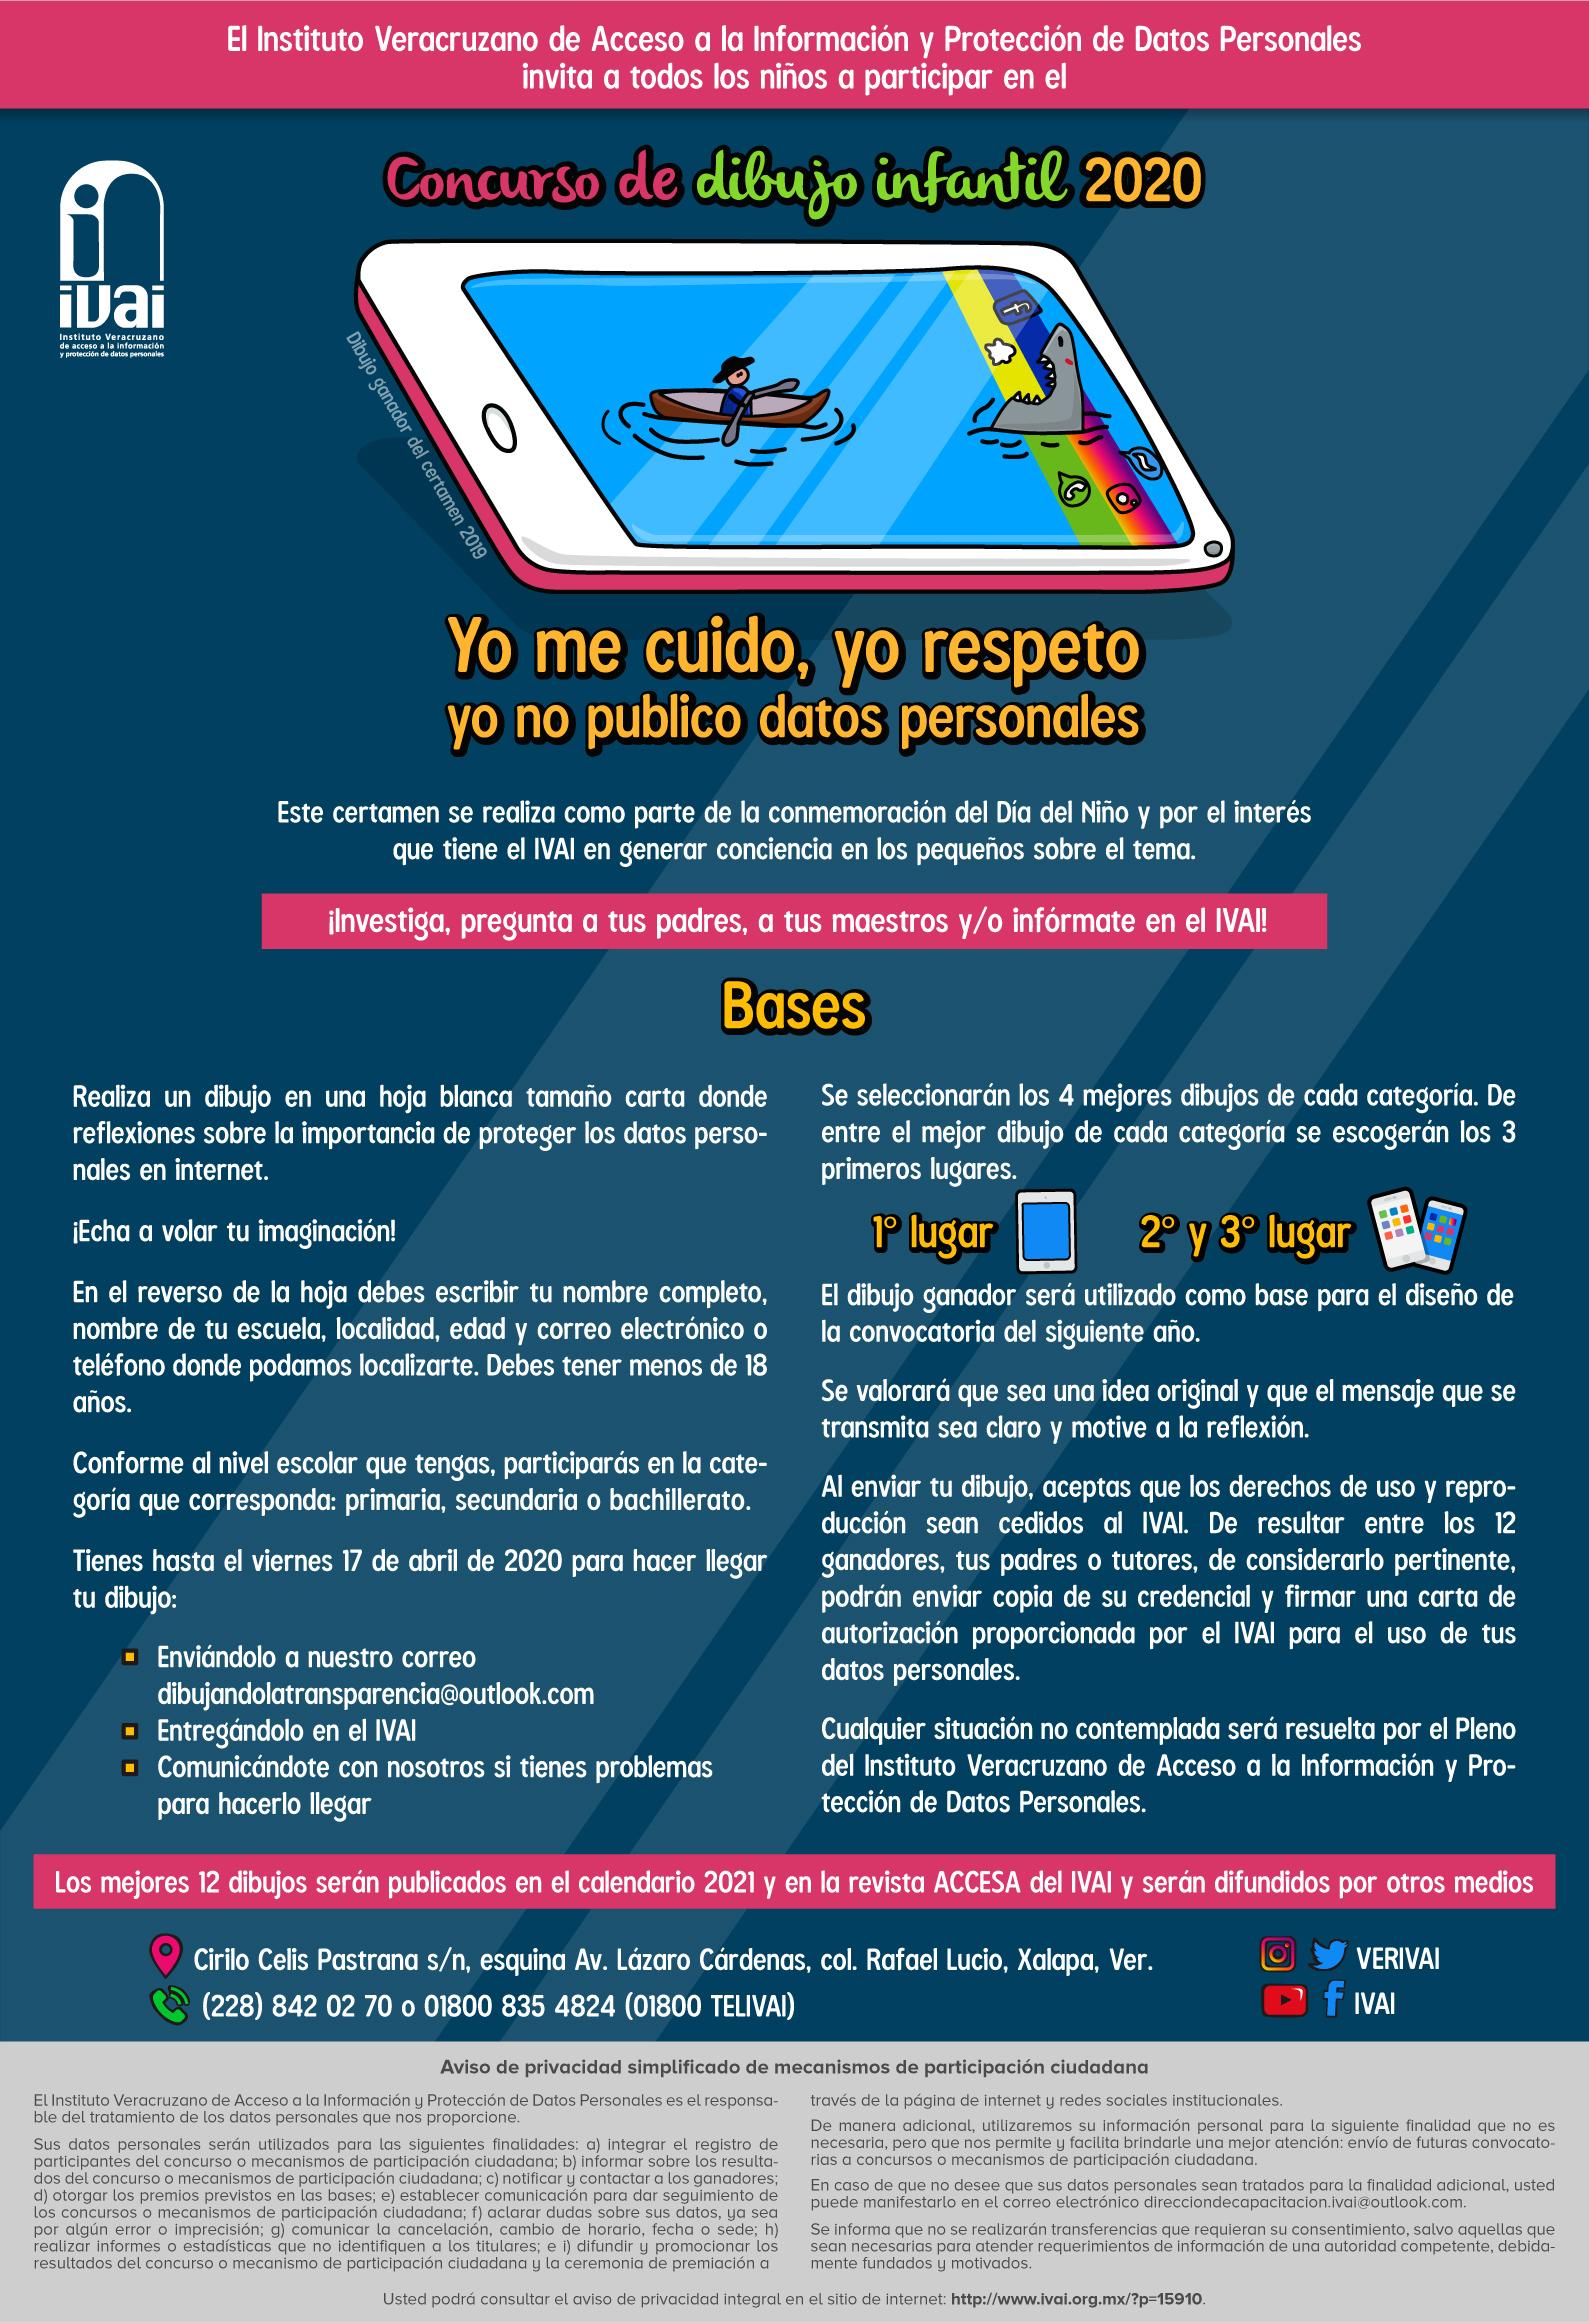 Instituto Veracruzano De Acceso A La Información Y De